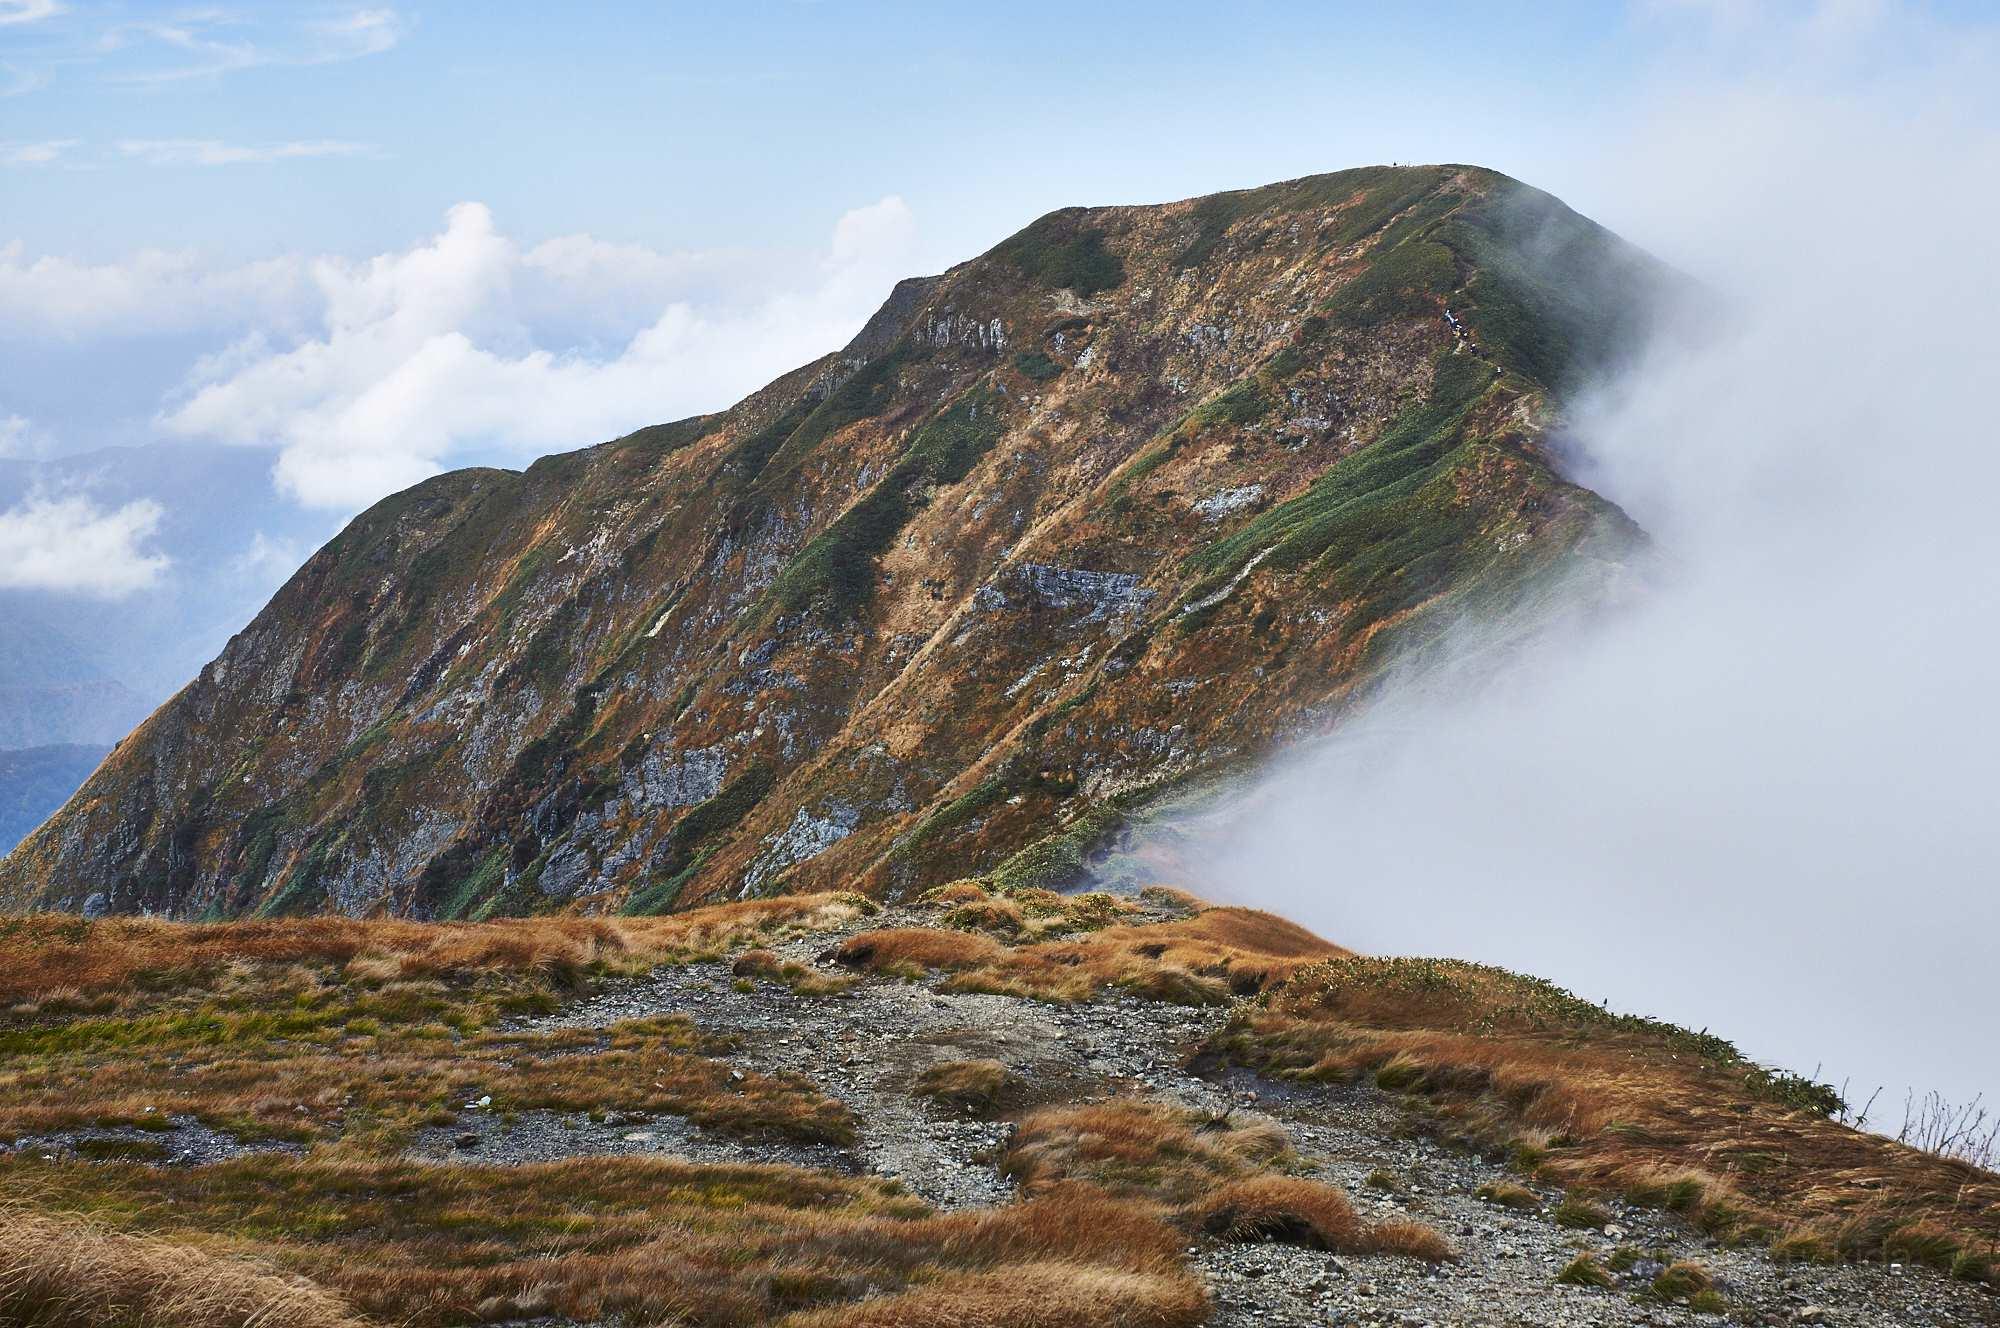 谷川岳登山道から見る一ノ倉岳の風景